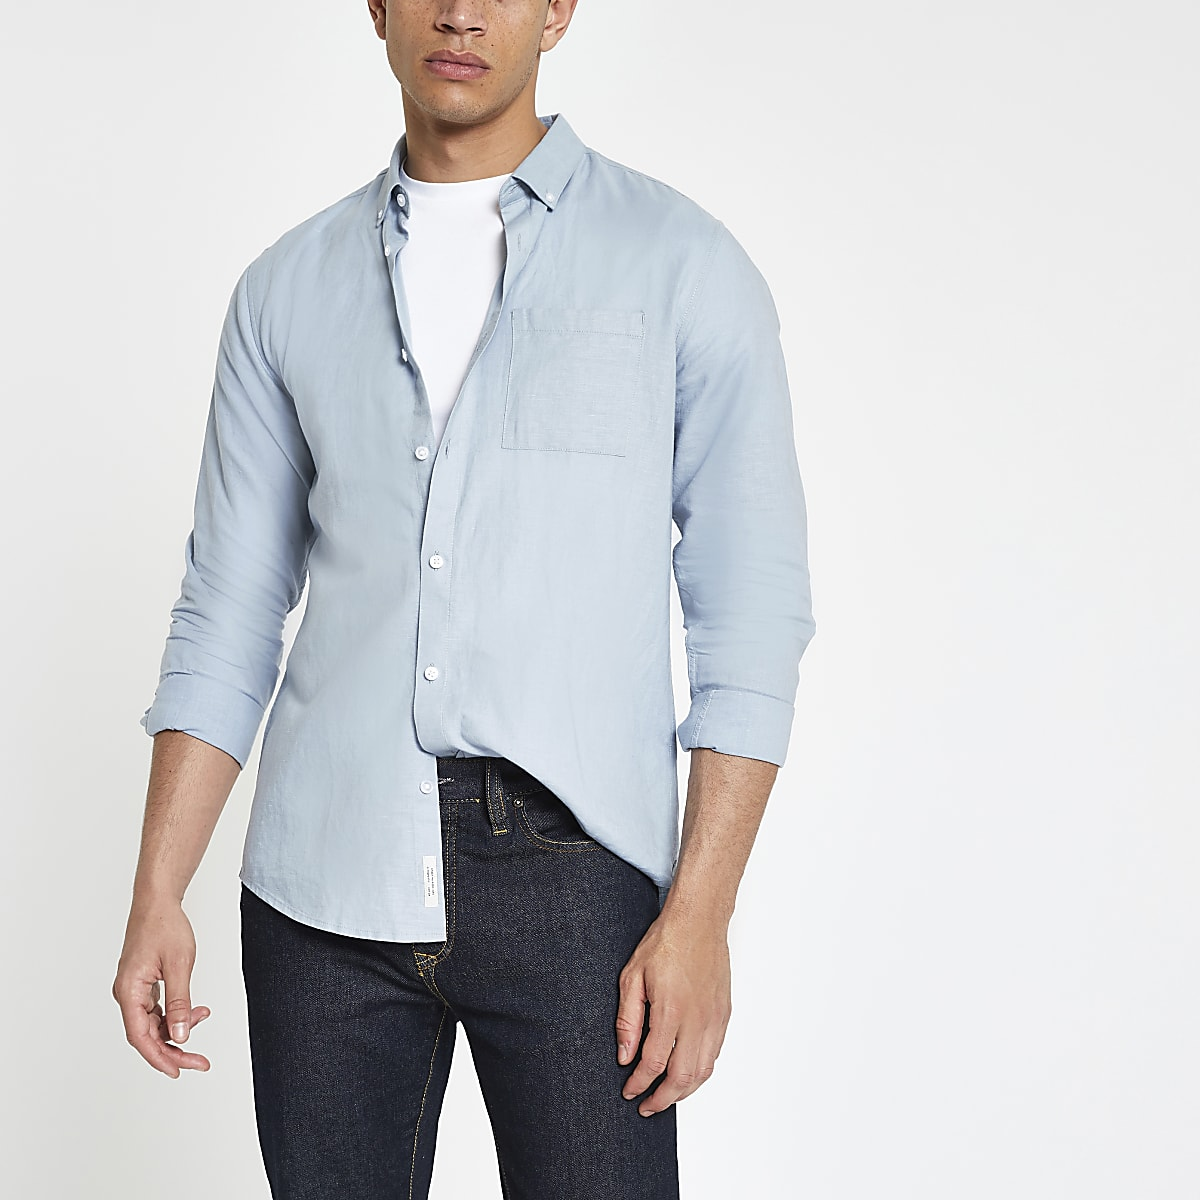 Linnen Overhemd Heren Lange Mouw.Blauw Linnen Overhemd Met Lange Mouwen Overhemden Met Lange Mouwen